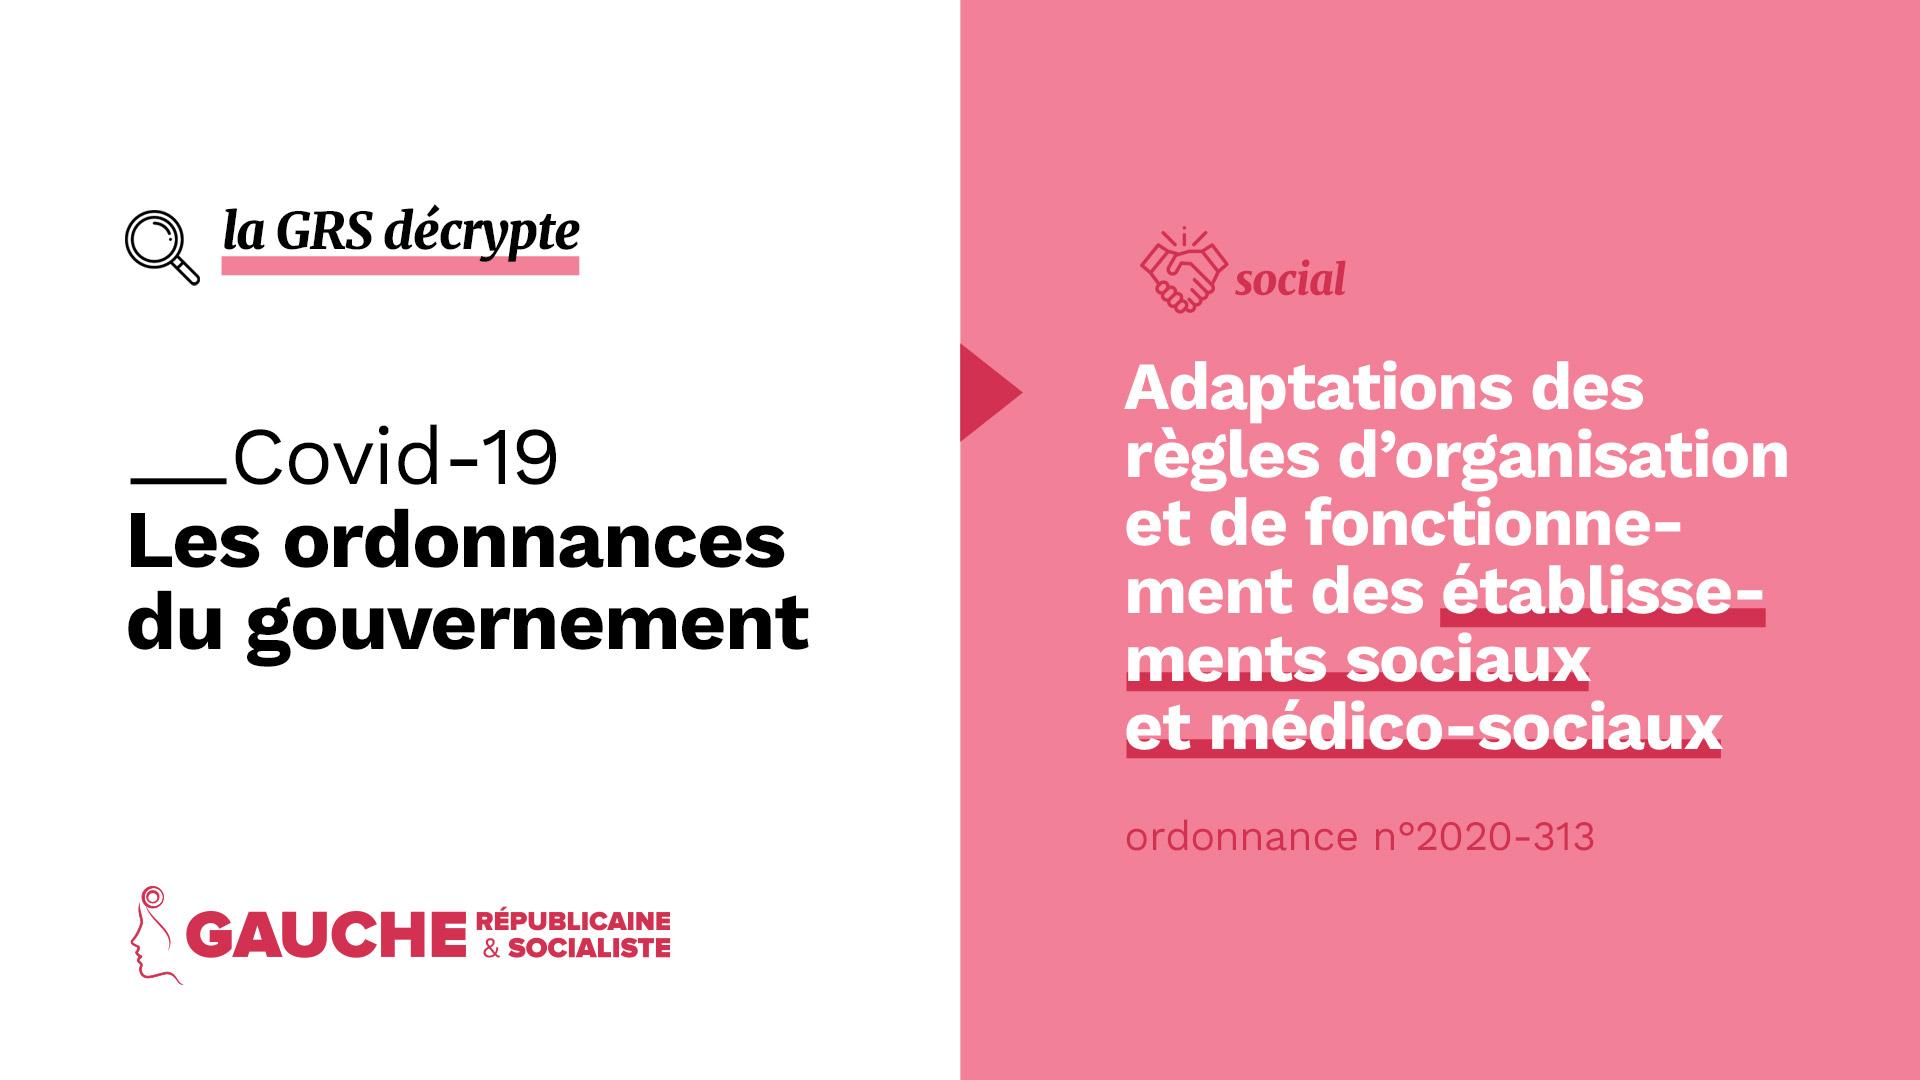 Ordonnance n° 2020-313 du 25 mars 2020 relative aux adaptations des règles d'organisation et de fonctionnement des établissements sociaux et médico-sociaux